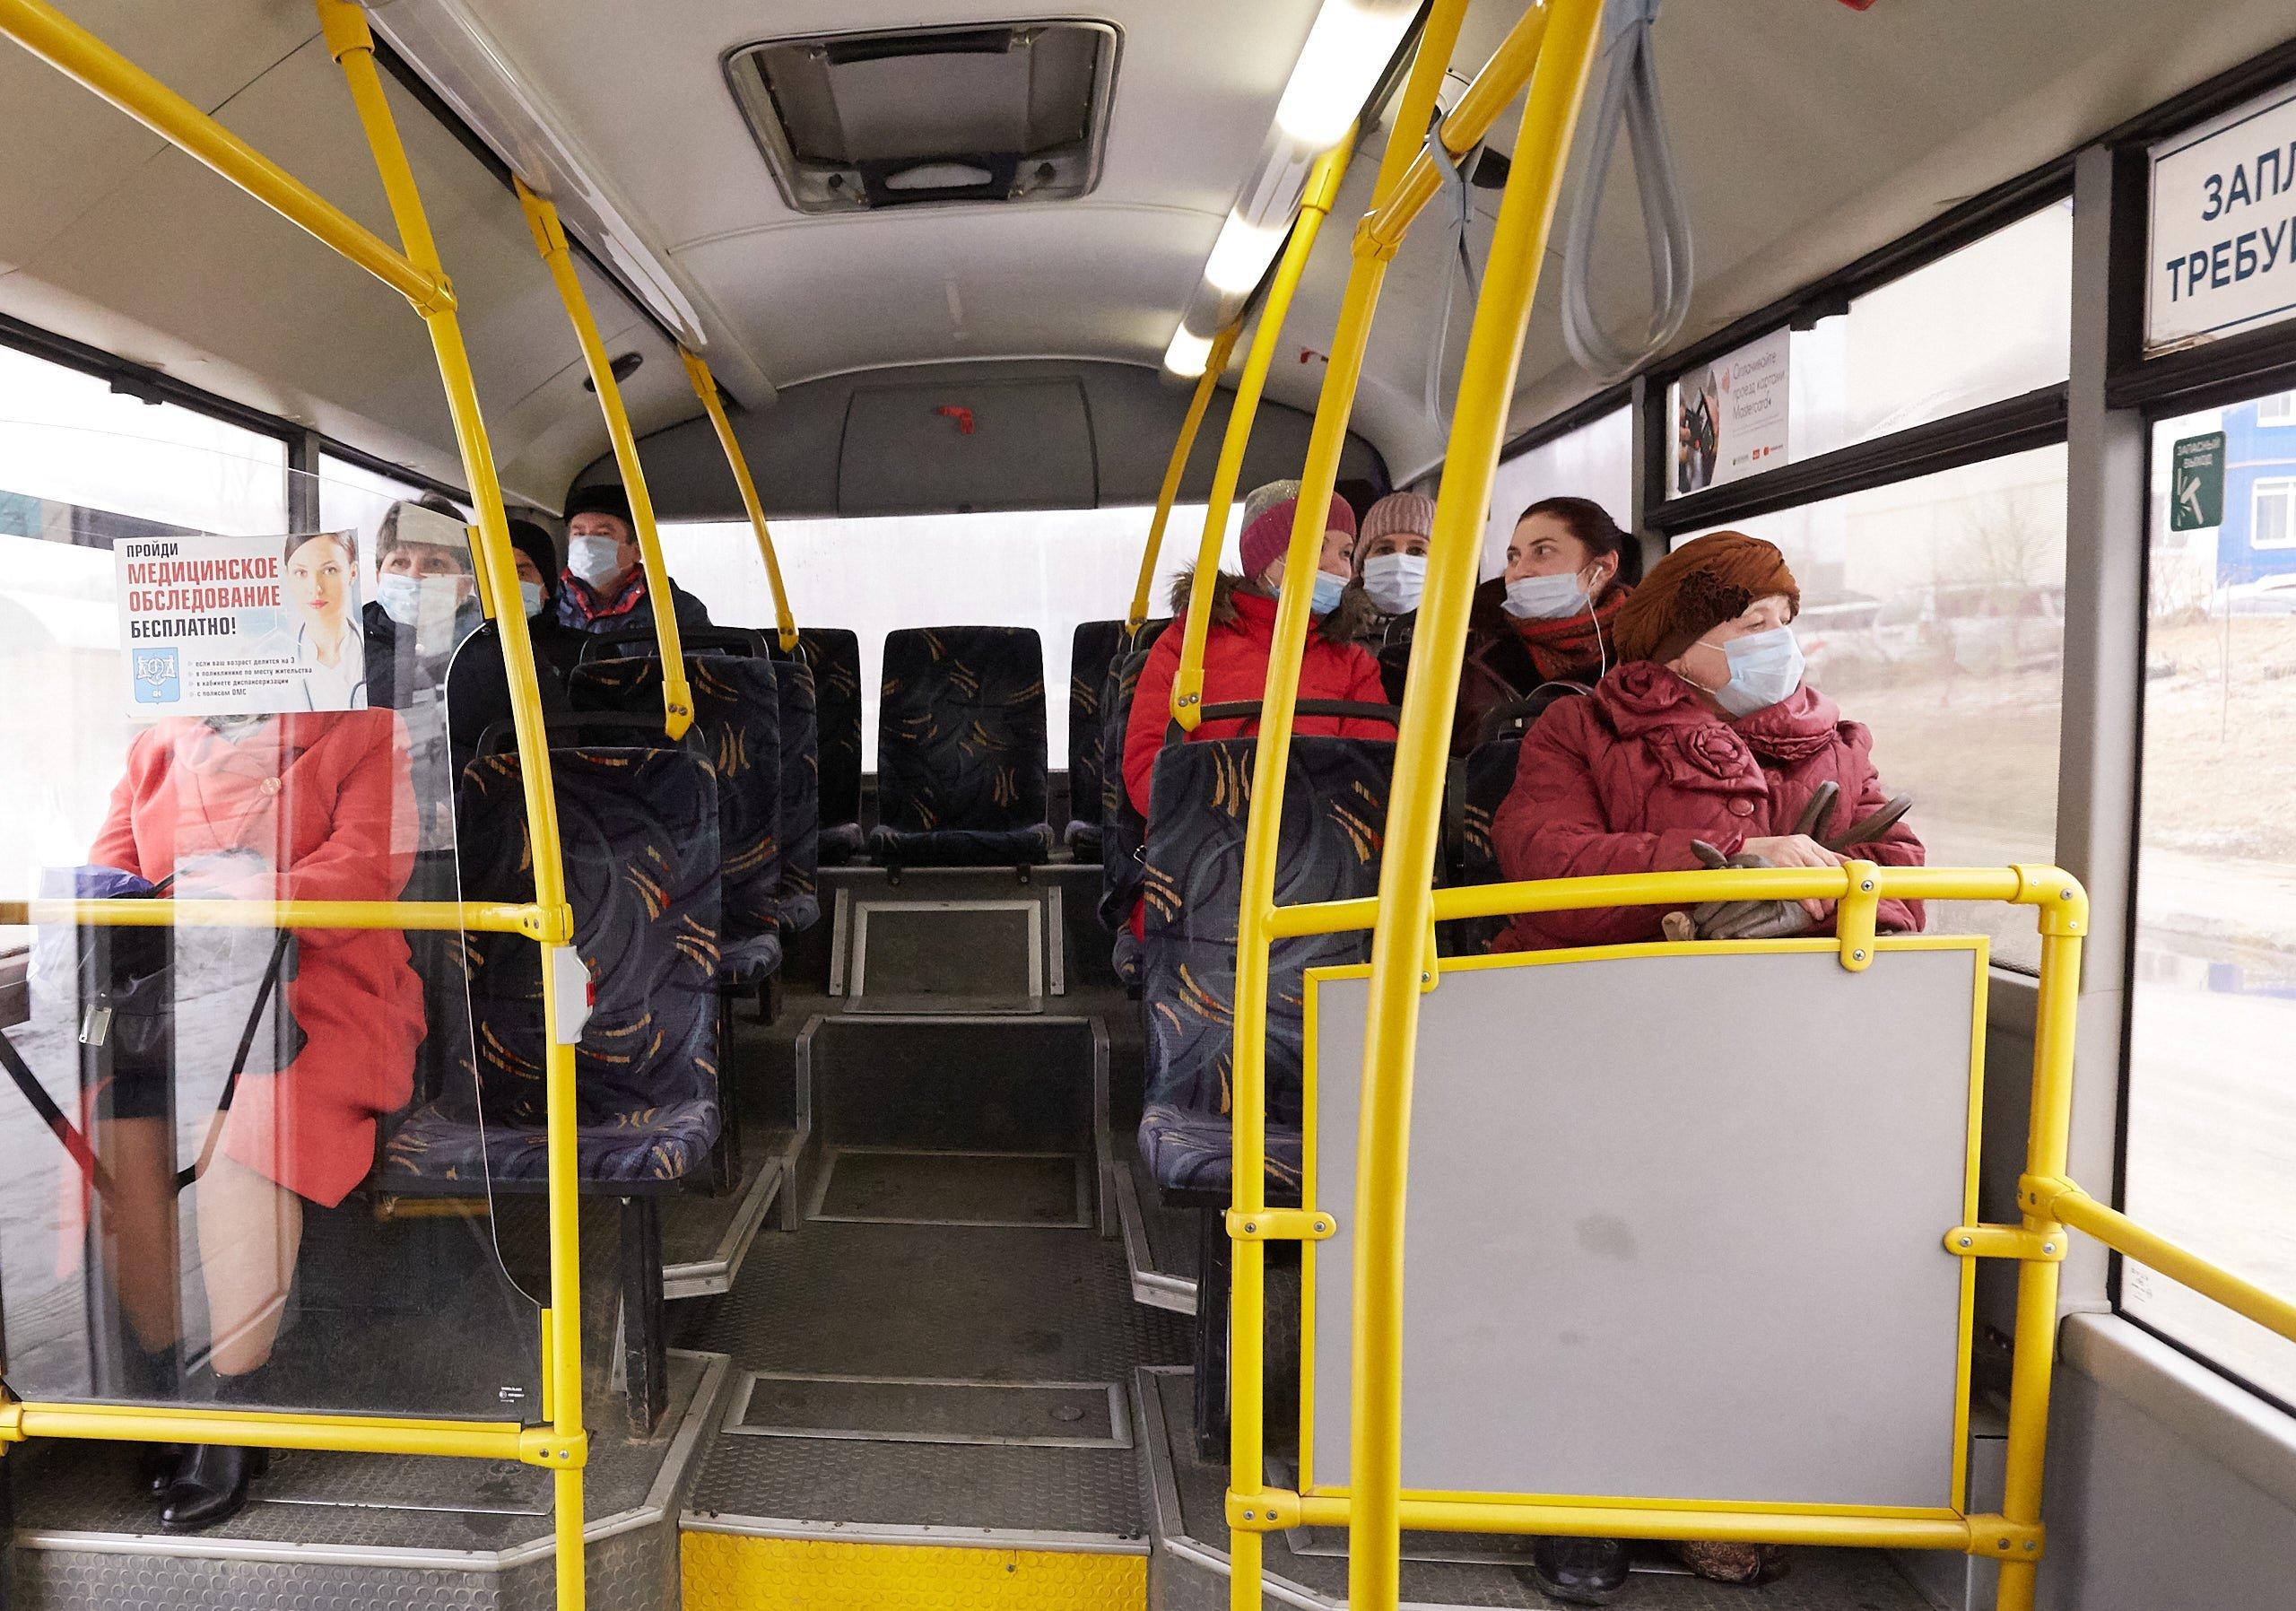 В Подмосковном транспорте выследят пассажиров без масок